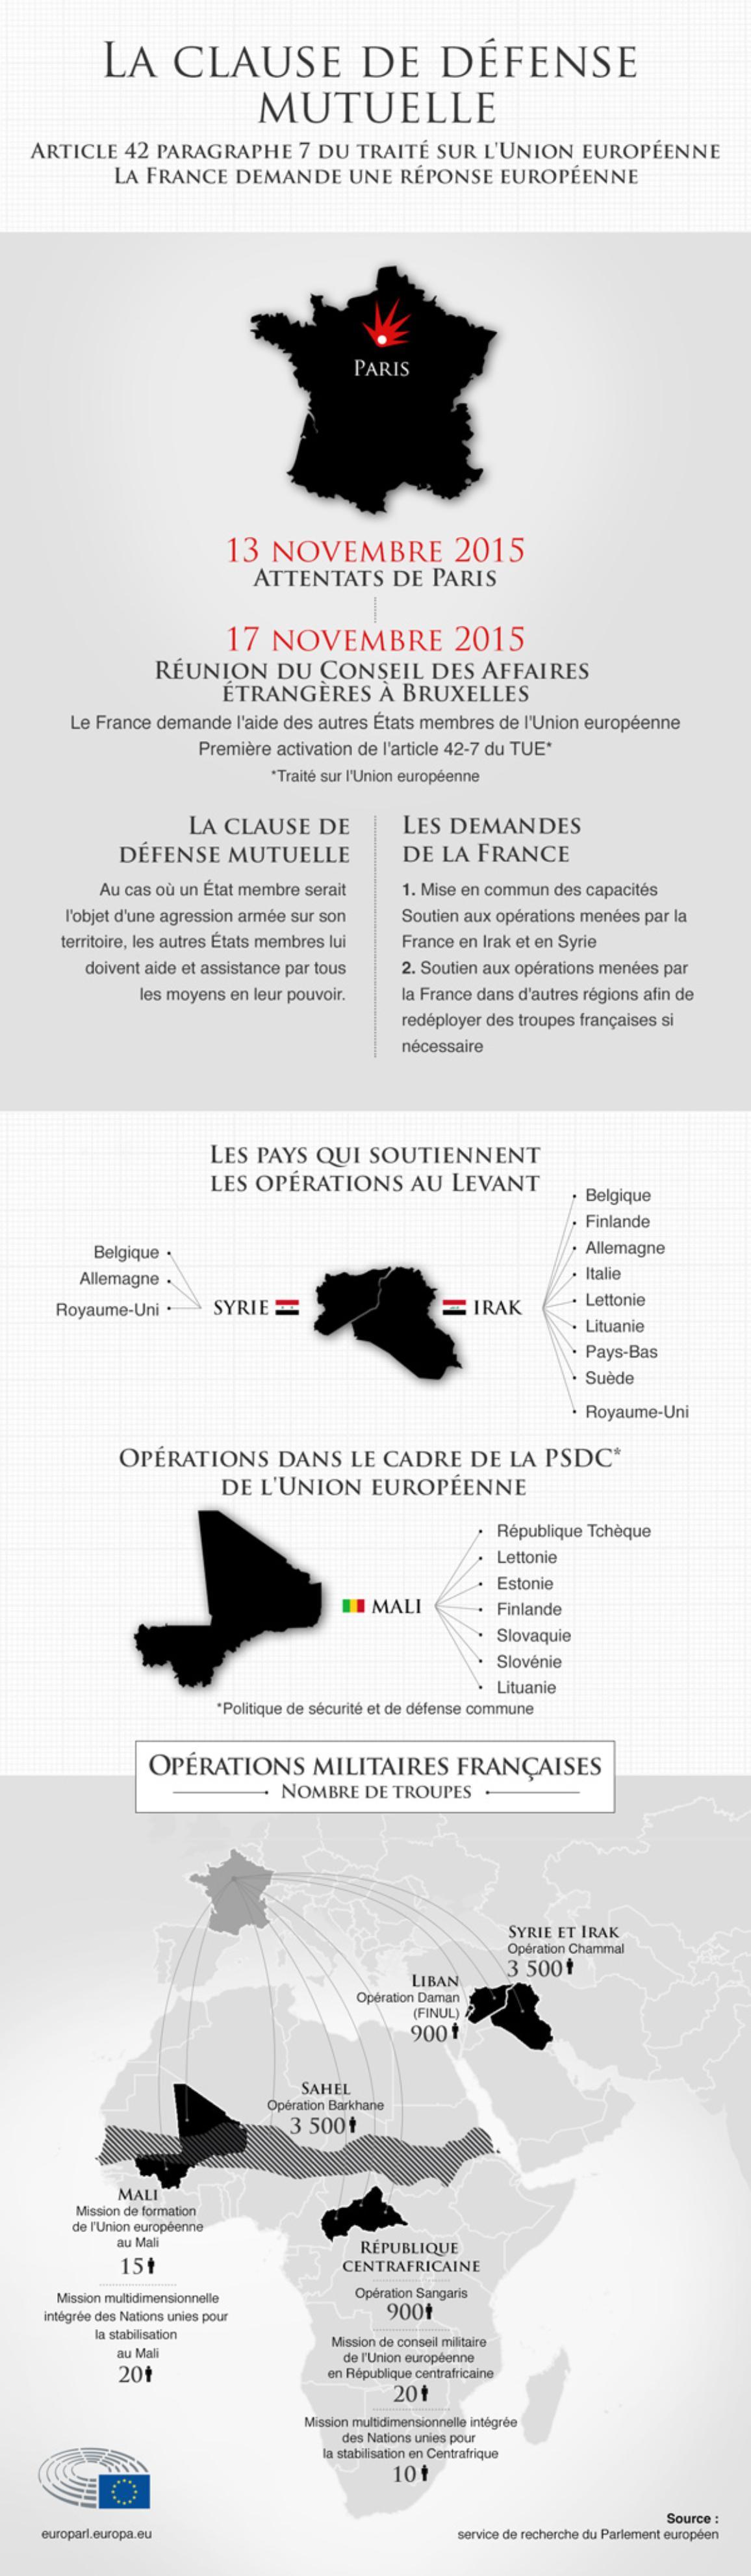 Infographie : la clause de défense mutuelle